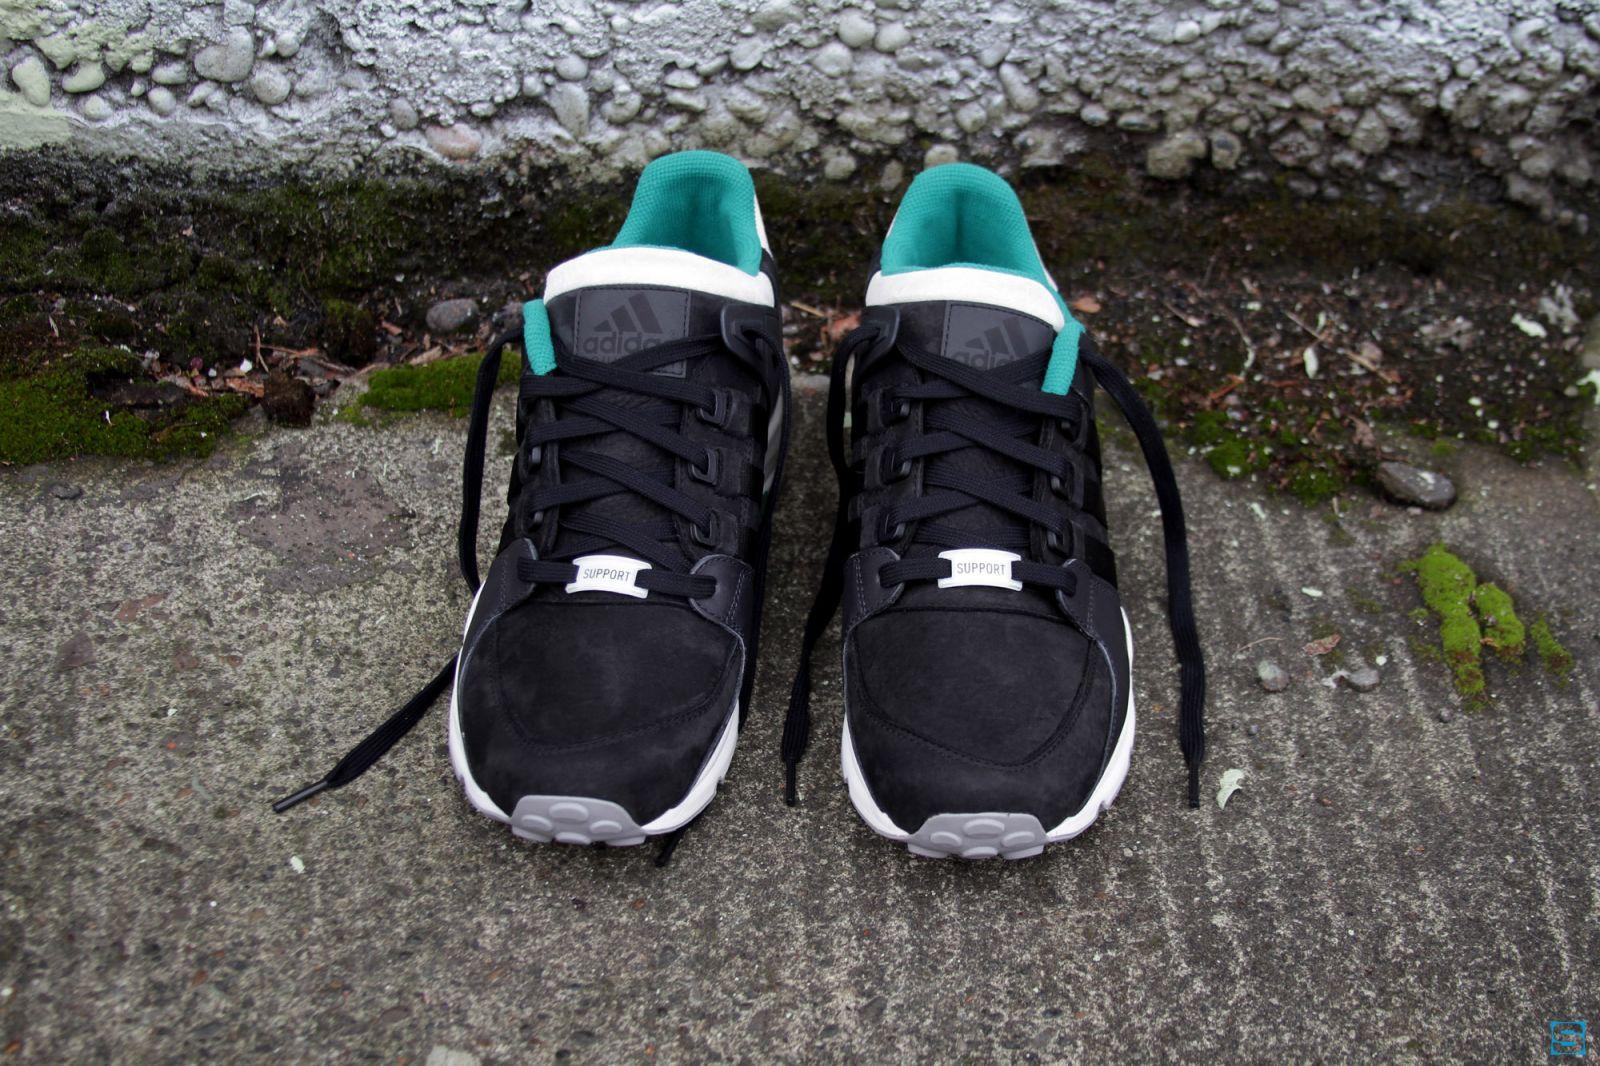 Adidas Eqt Consortium